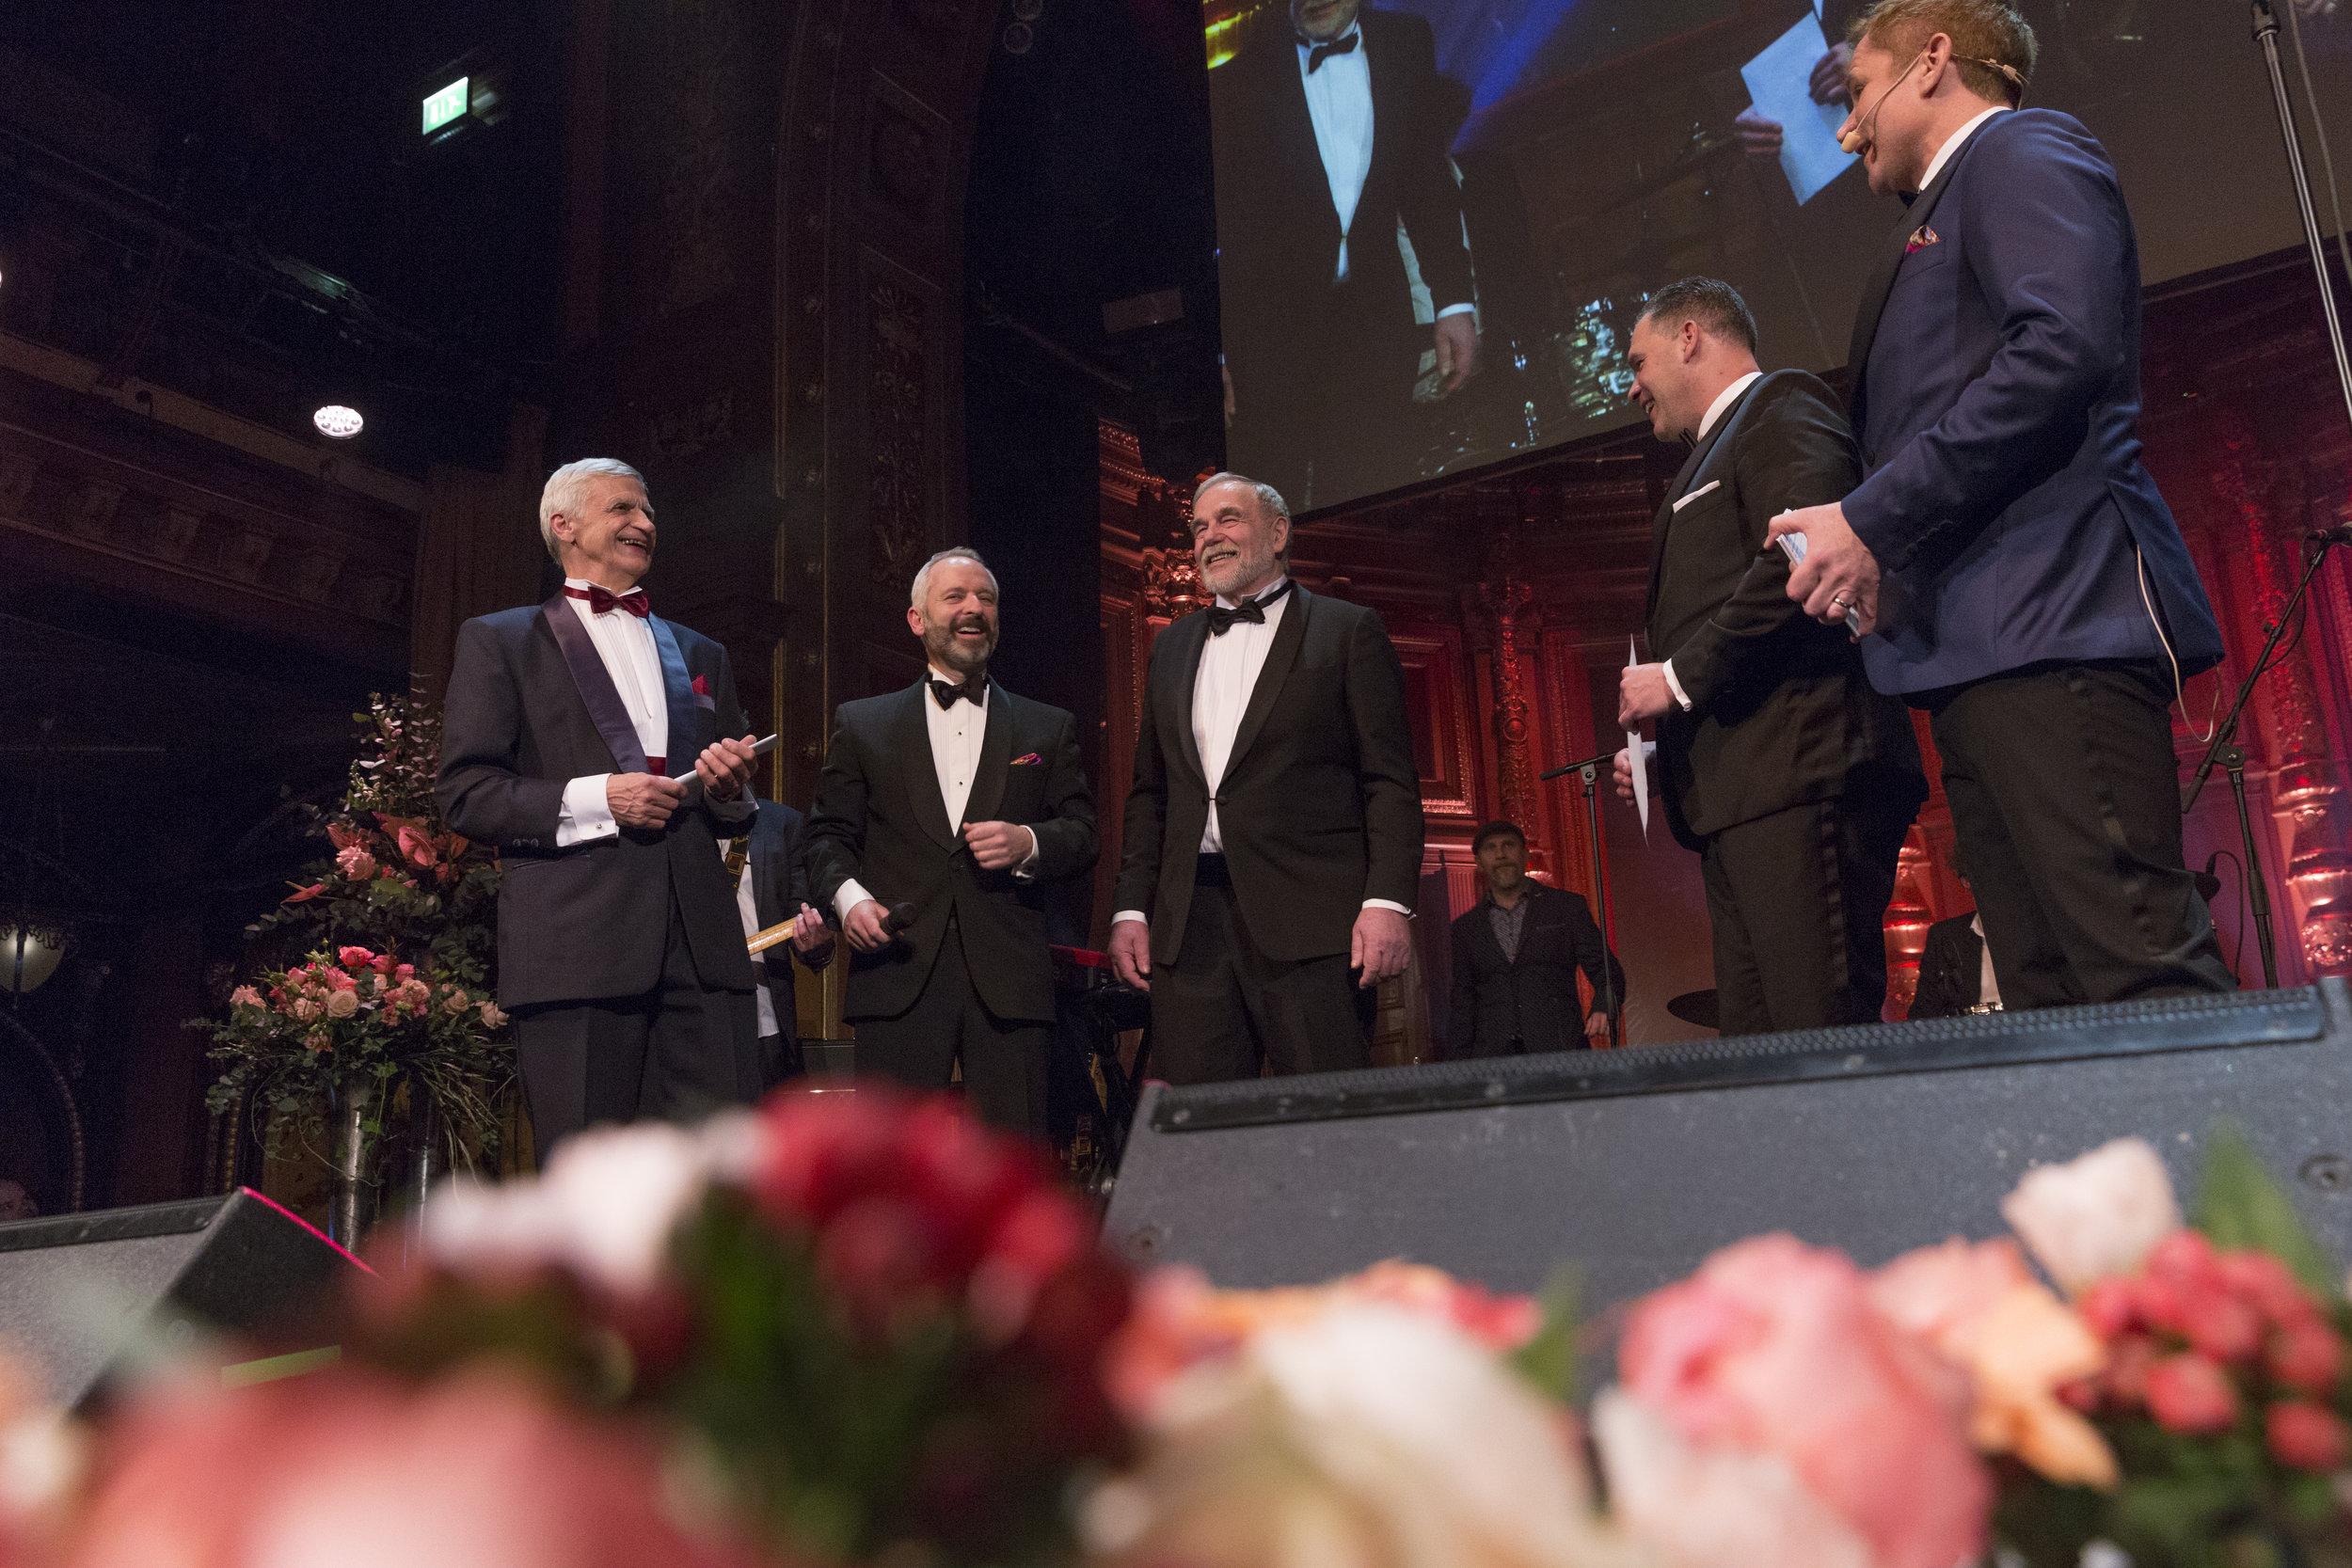 Här tackas de av Fiskejournalens chefredaktör Martin Falklind, Stiftelsen för Östersjölaxens Thomas Johansson och konferencier Rickard Olsson.